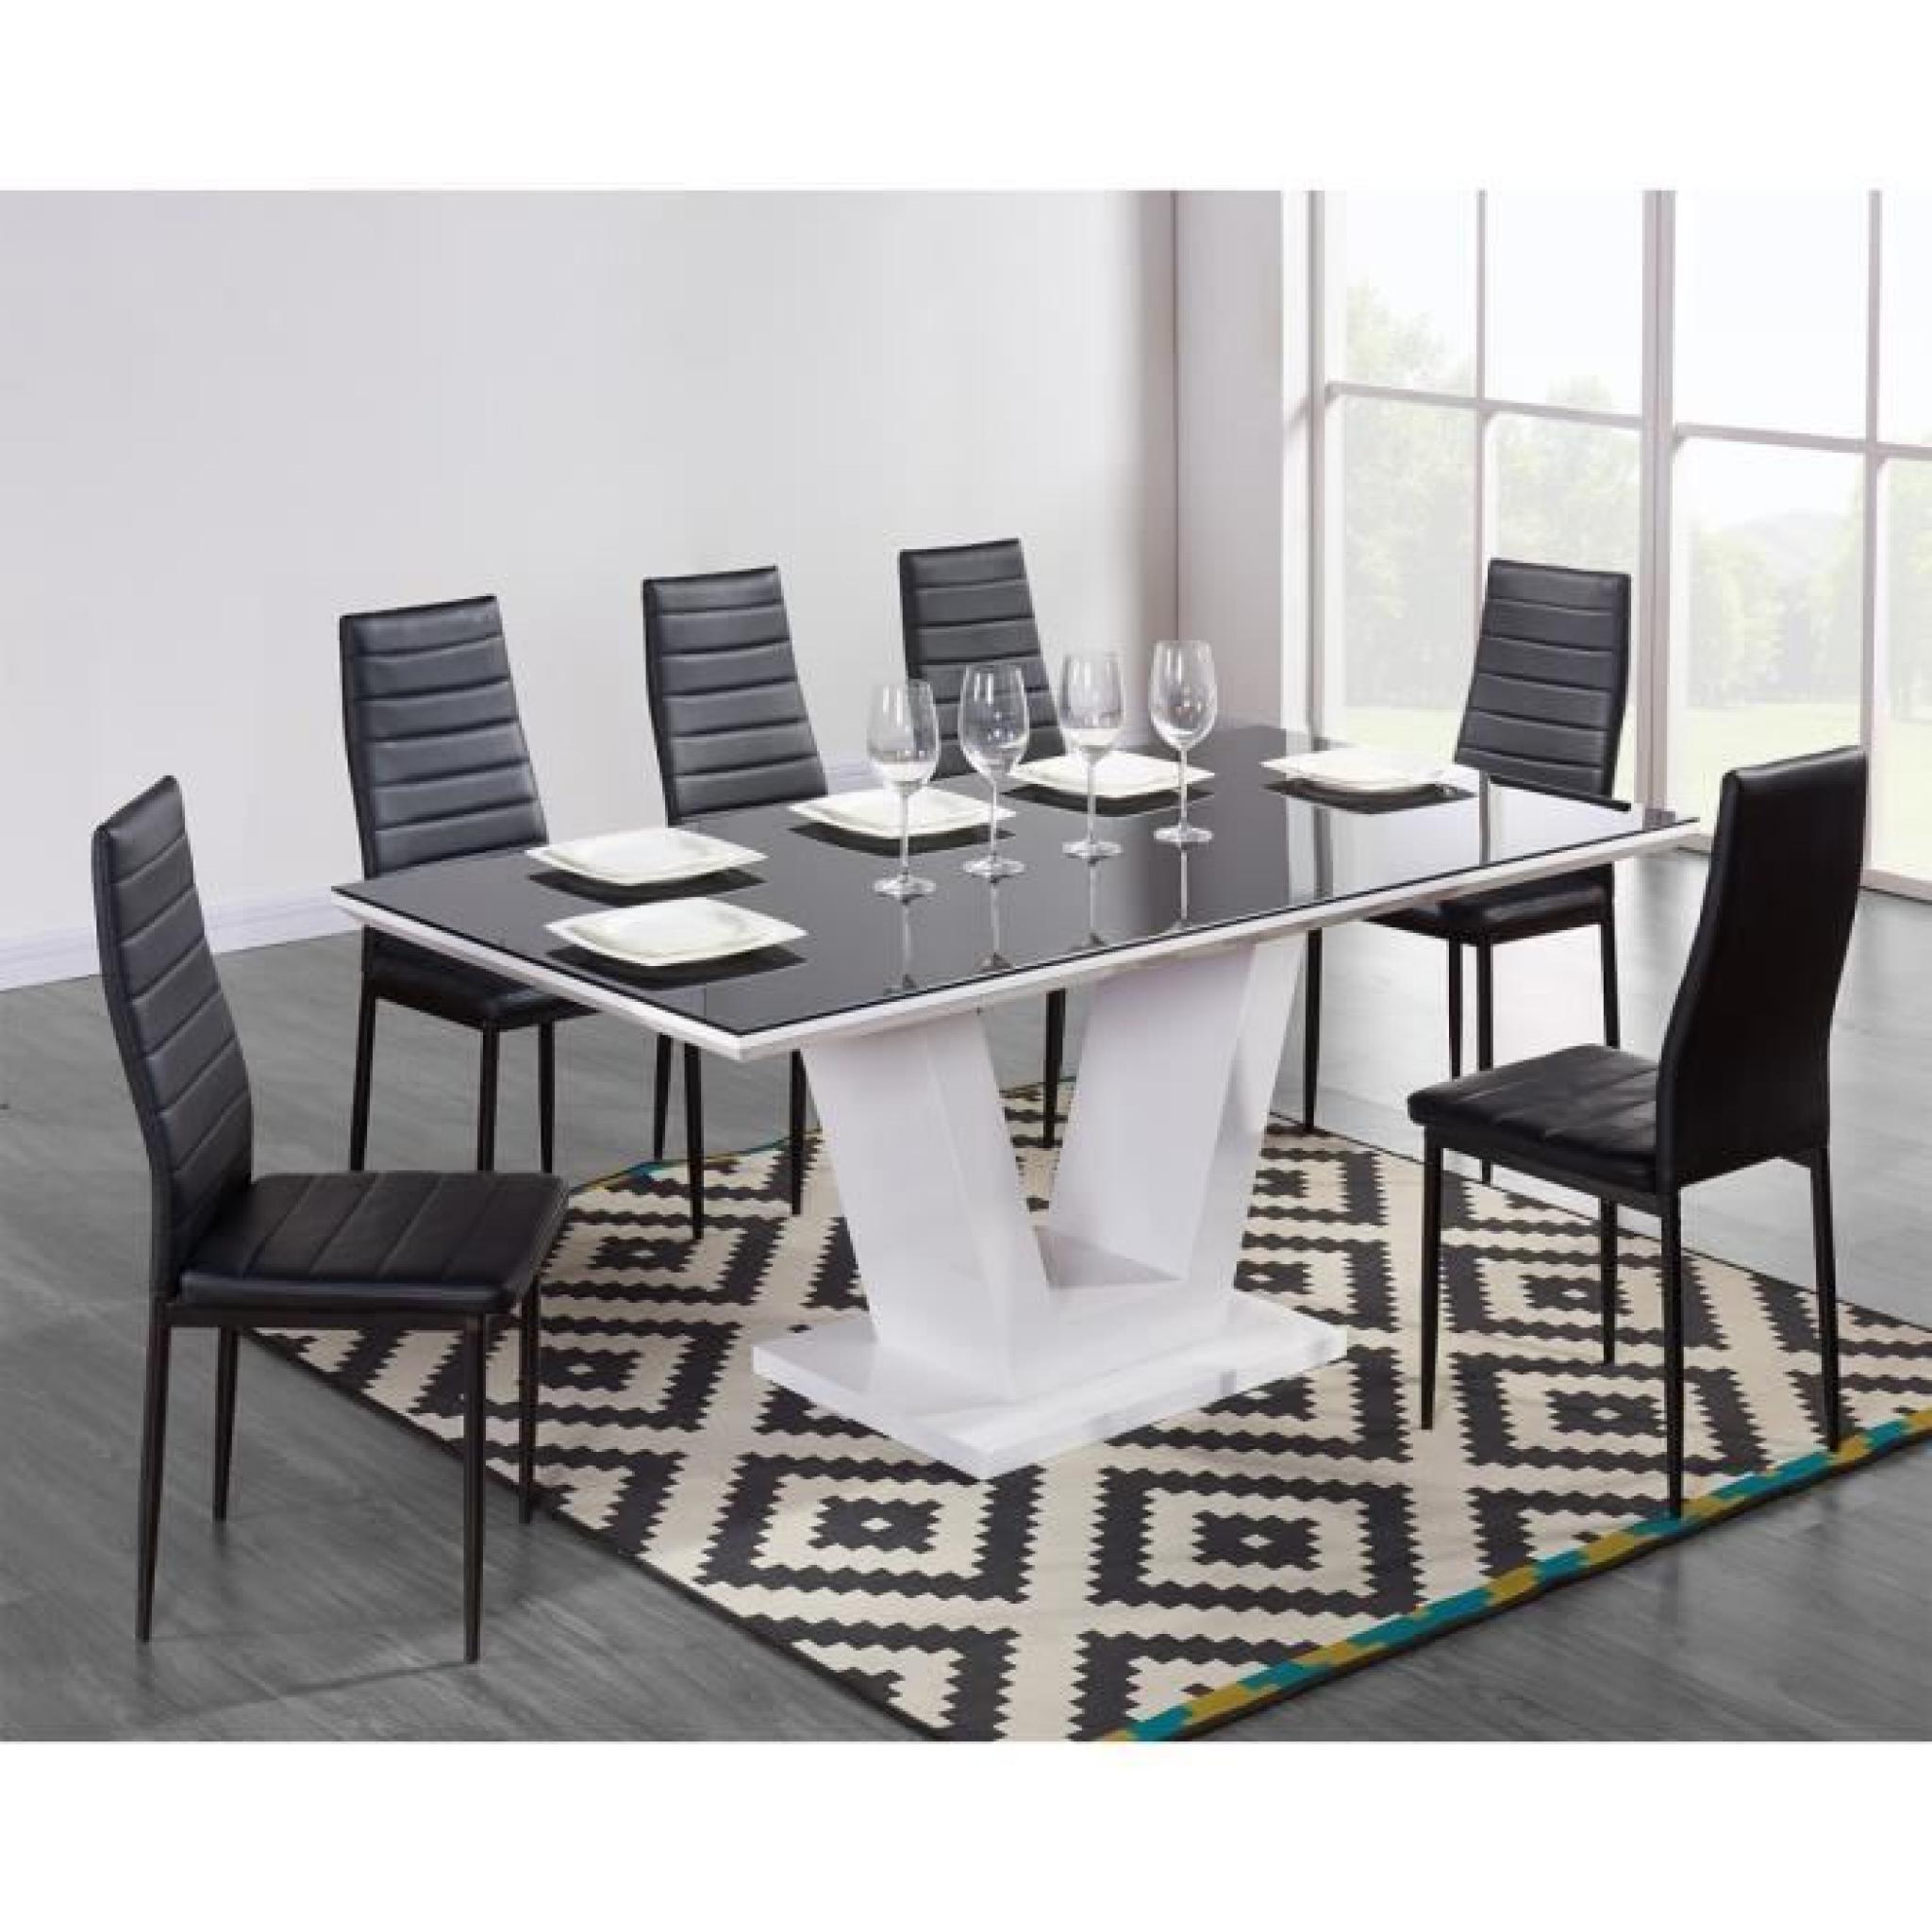 20752e38629 QUEEN Table à manger 180x90cm noir et blanc brillant - Achat Vente ...